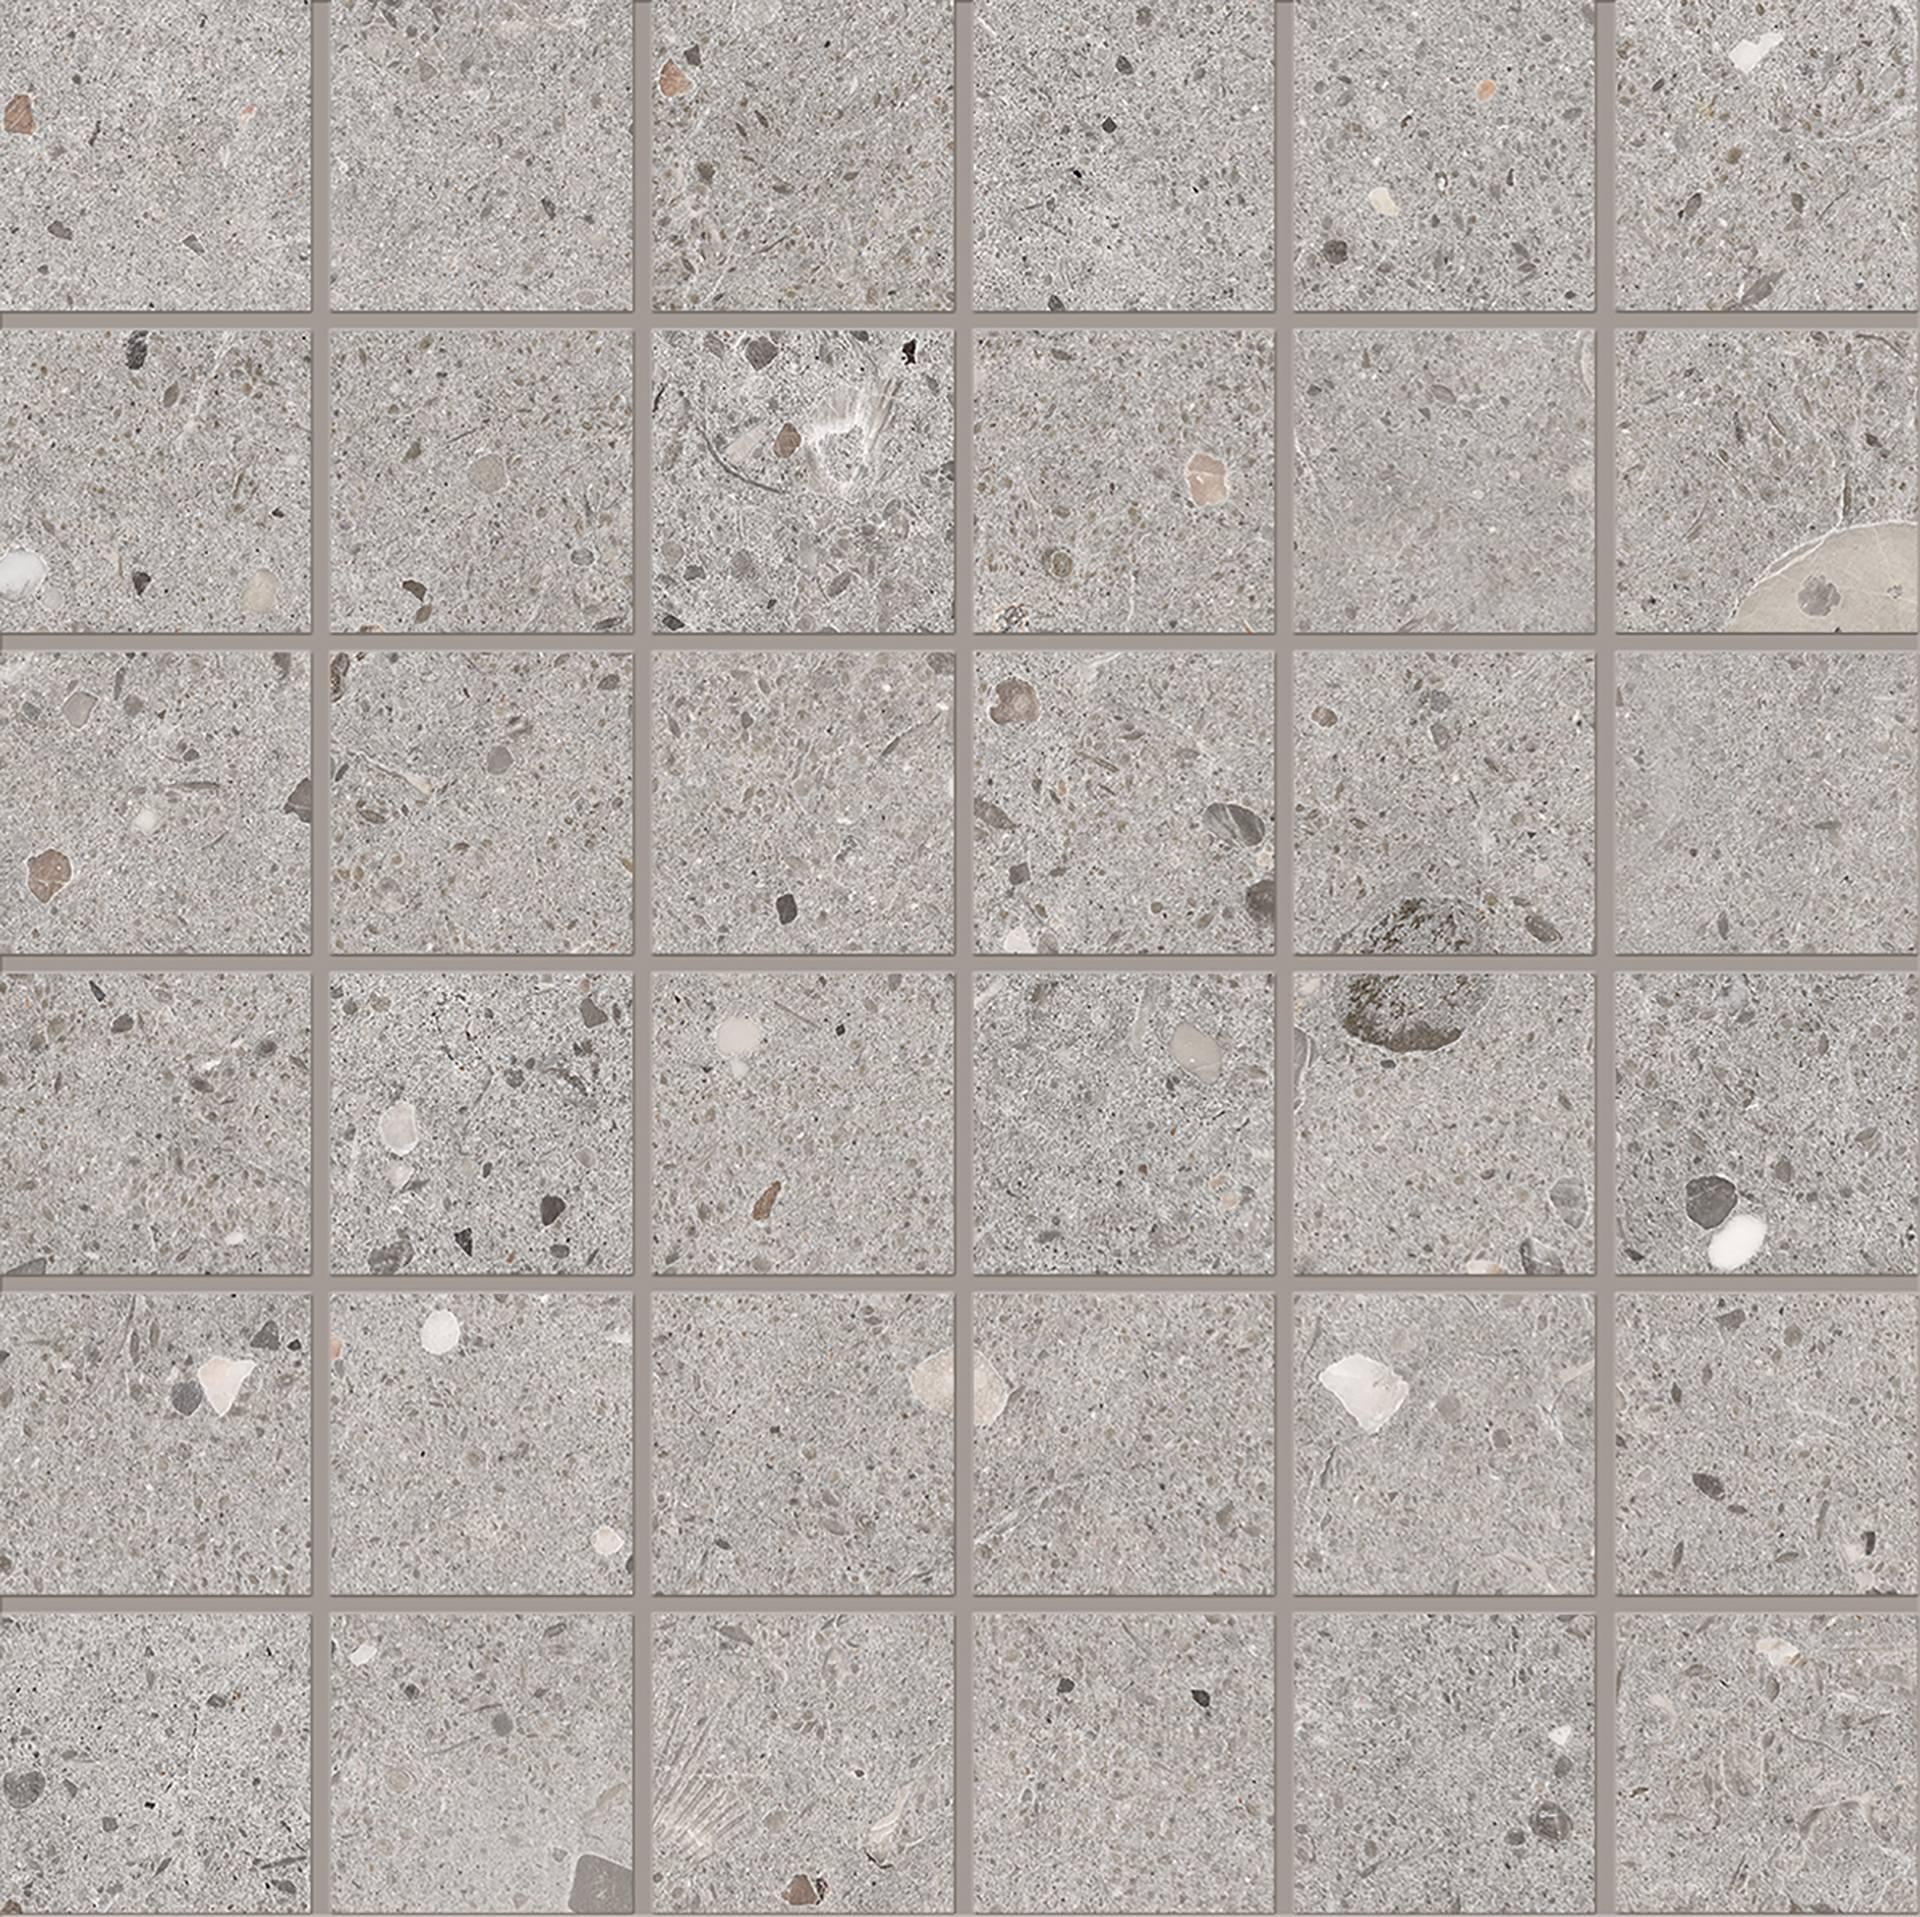 Ref. Grigio Mosaic